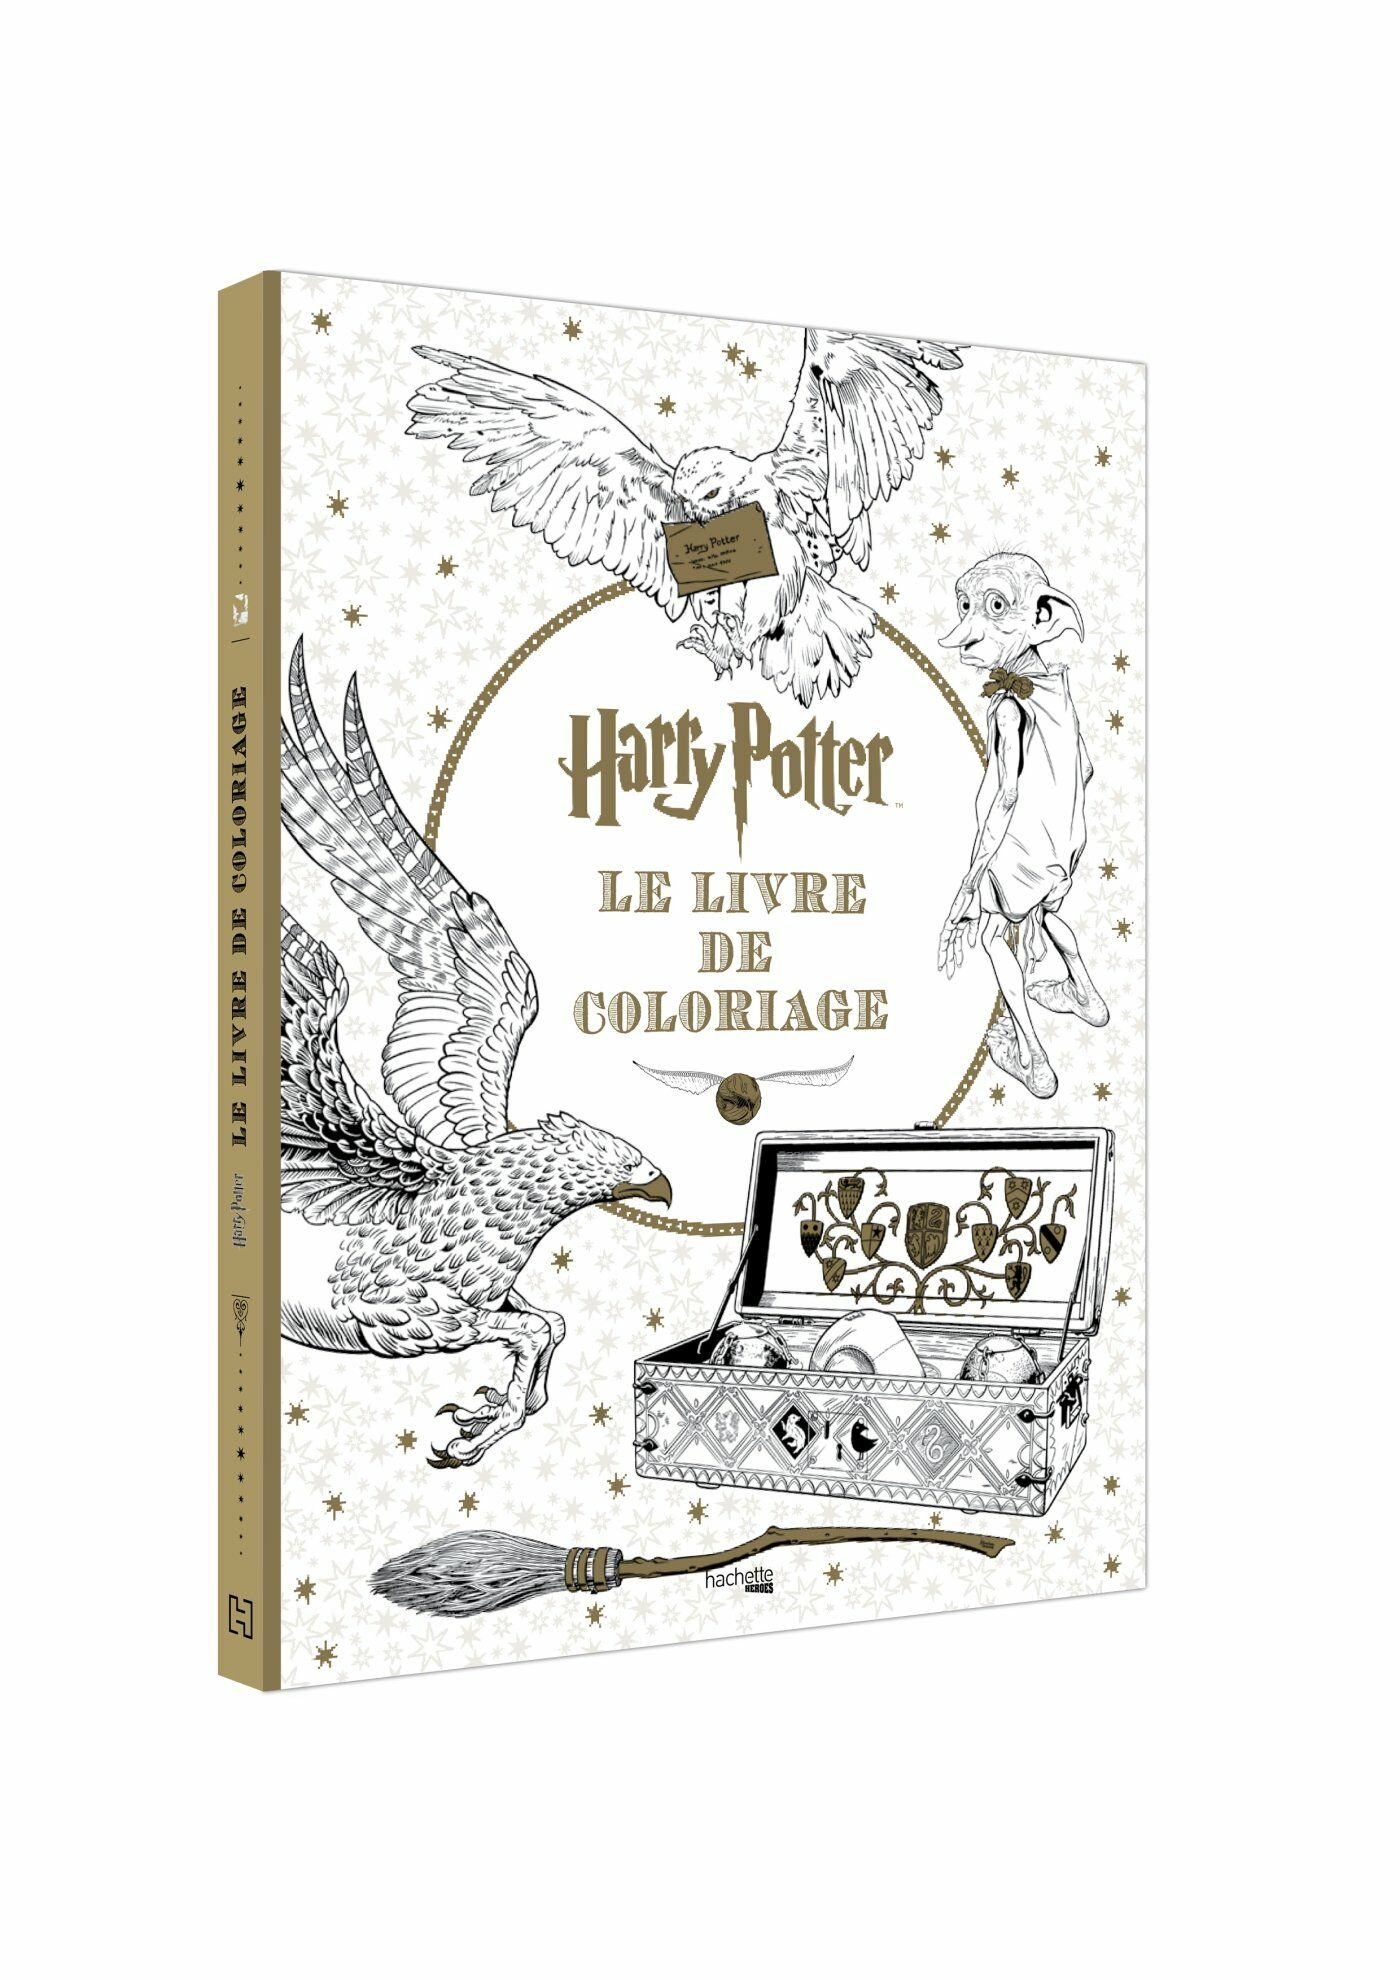 Harry Potter : une boutique vient d'ouvrir ses portes en France…